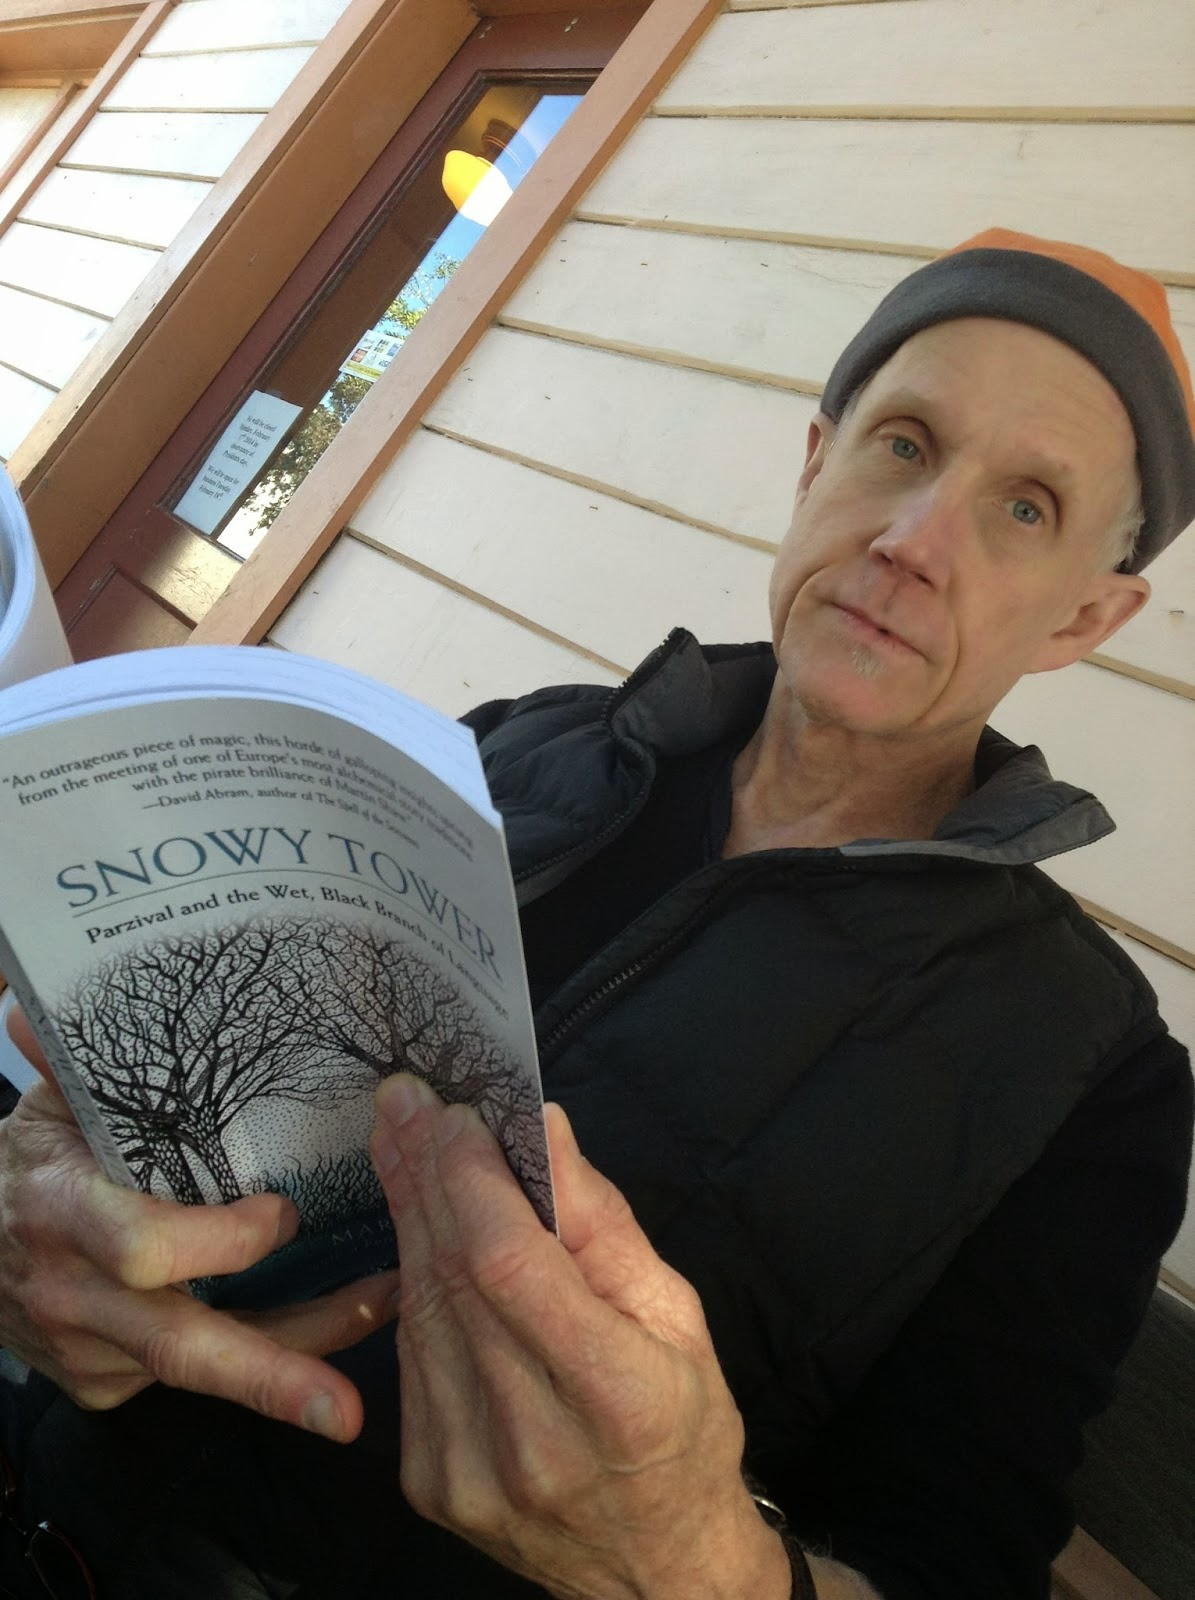 Tony Hoagland holding Martin Shaw's book Snowy Tower